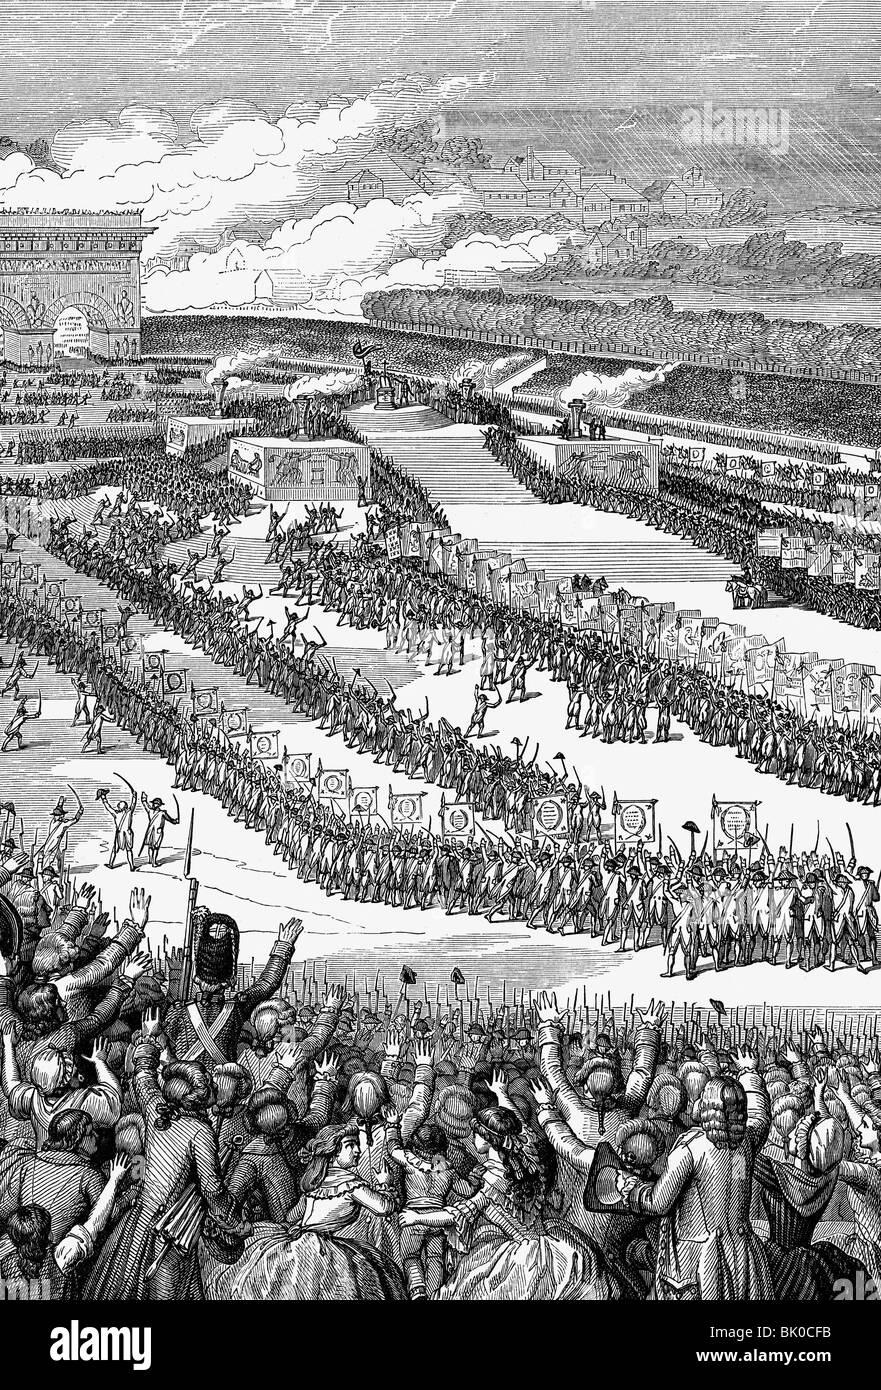 geography / travel, France, French Revolution 1789 - 1799, Fete de la Federation, Champ de Mars, Paris, 14.7.1790, Stock Photo